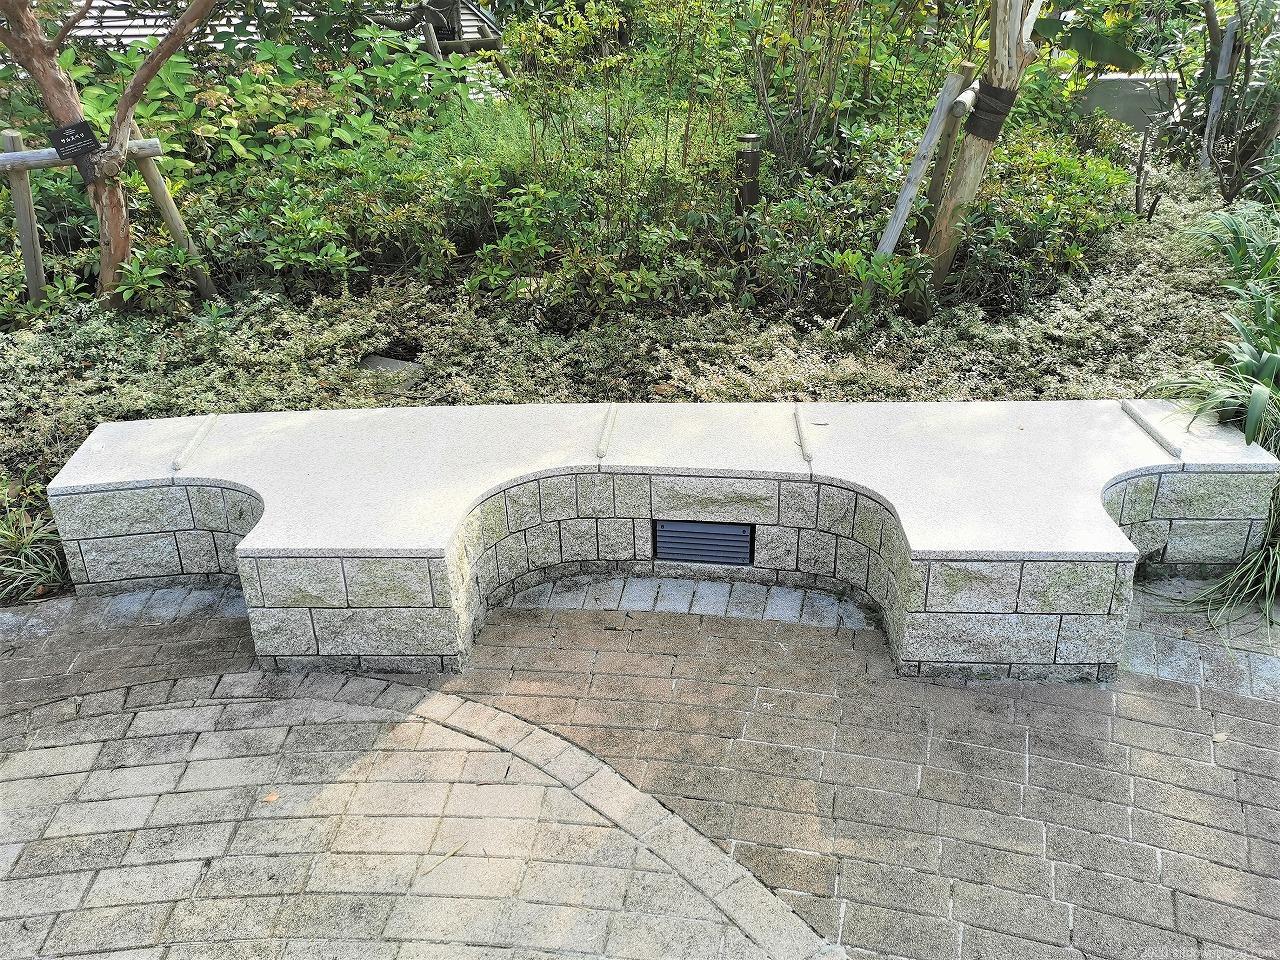 武蔵小杉駅 パークシティ ザ・ガーデン 屋上広場の石材ベンチ